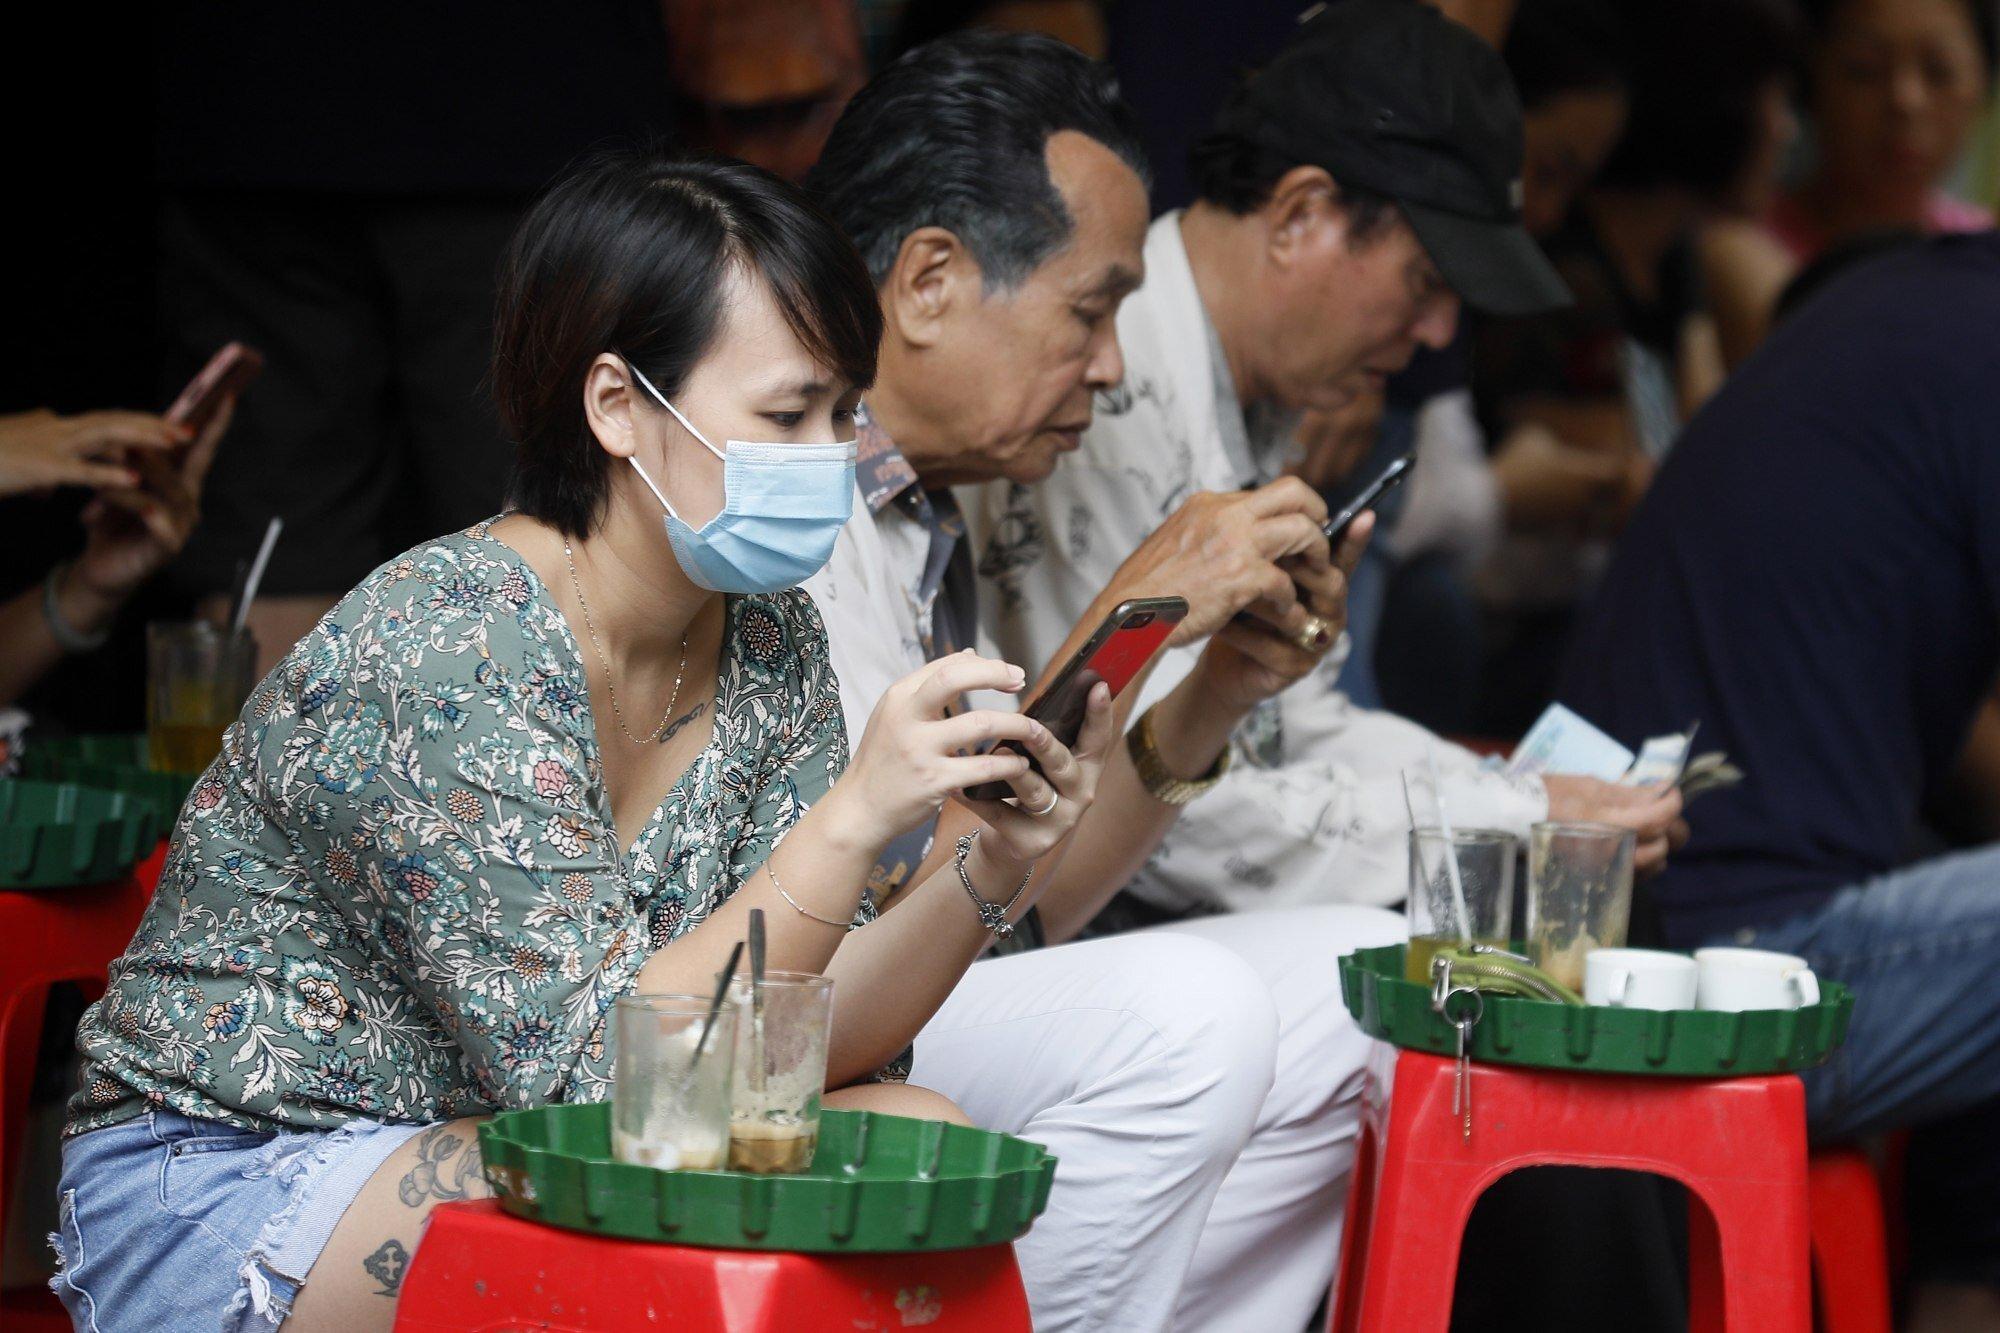 SMCP: Hiện tượng mới xuất hiện trên các nền tảng cho vay số Việt Nam khi người đi vay tự xưng là 'Robin Hood'